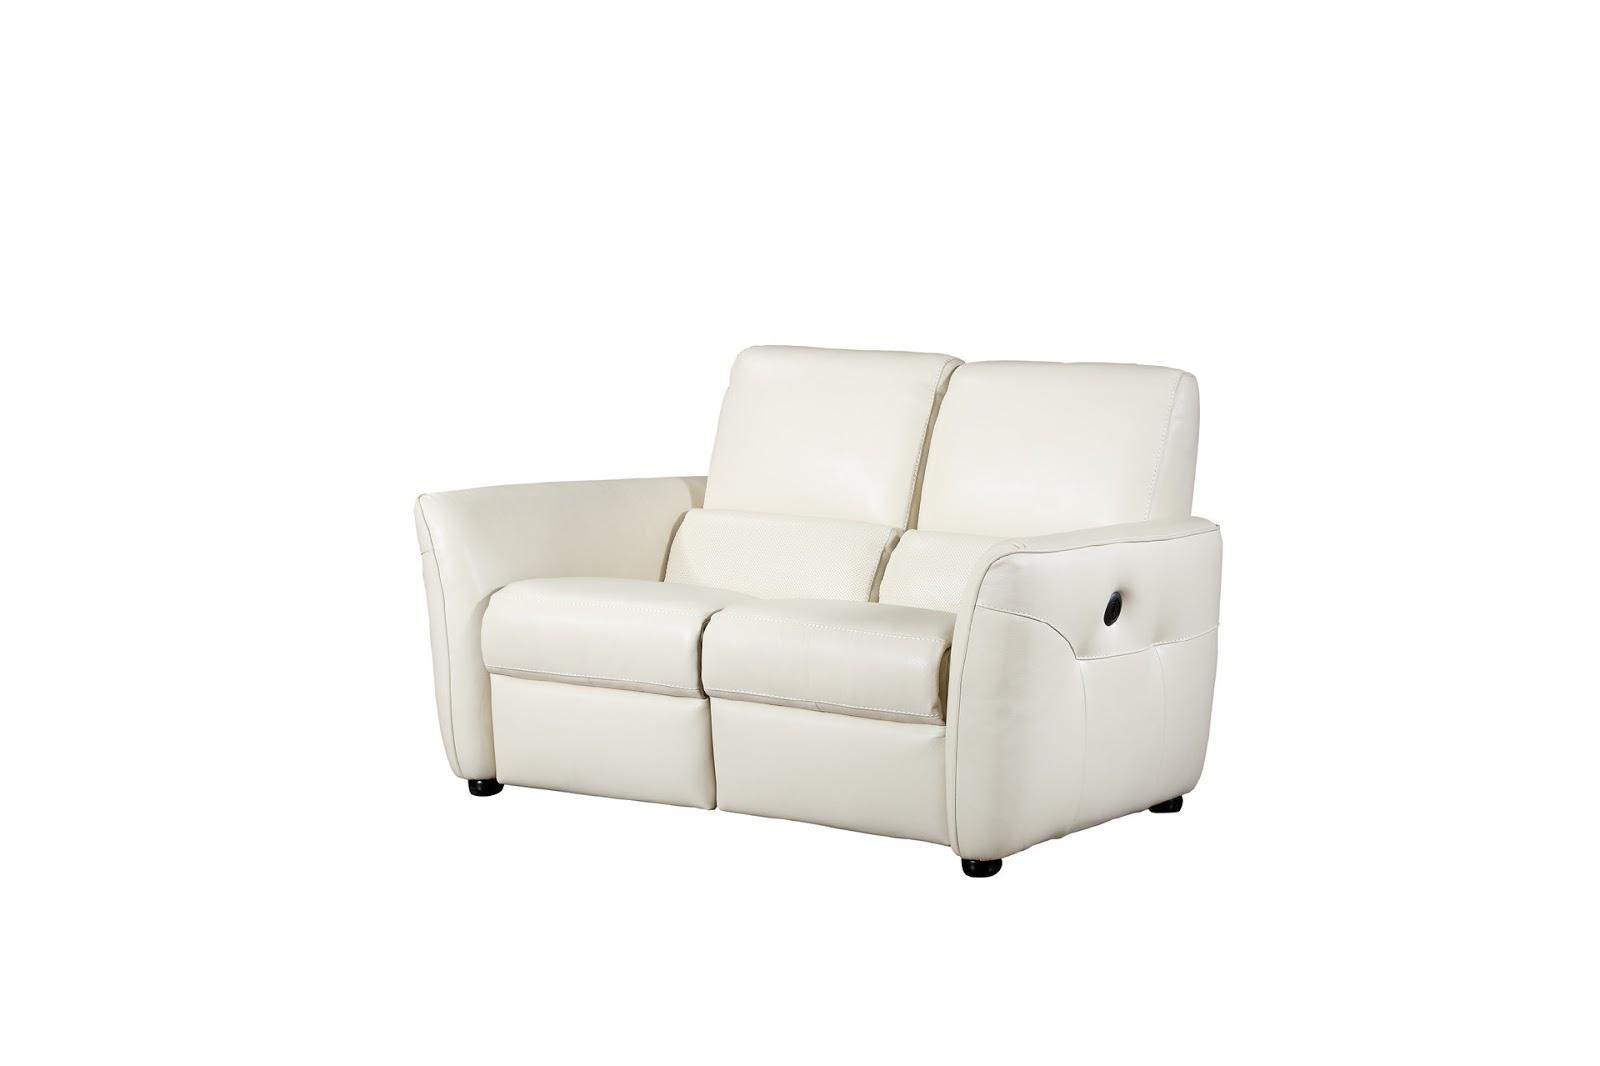 sofa murah di cianjur 5 in 1 bed homeshop18 servis surabaya isabela bekled furniture